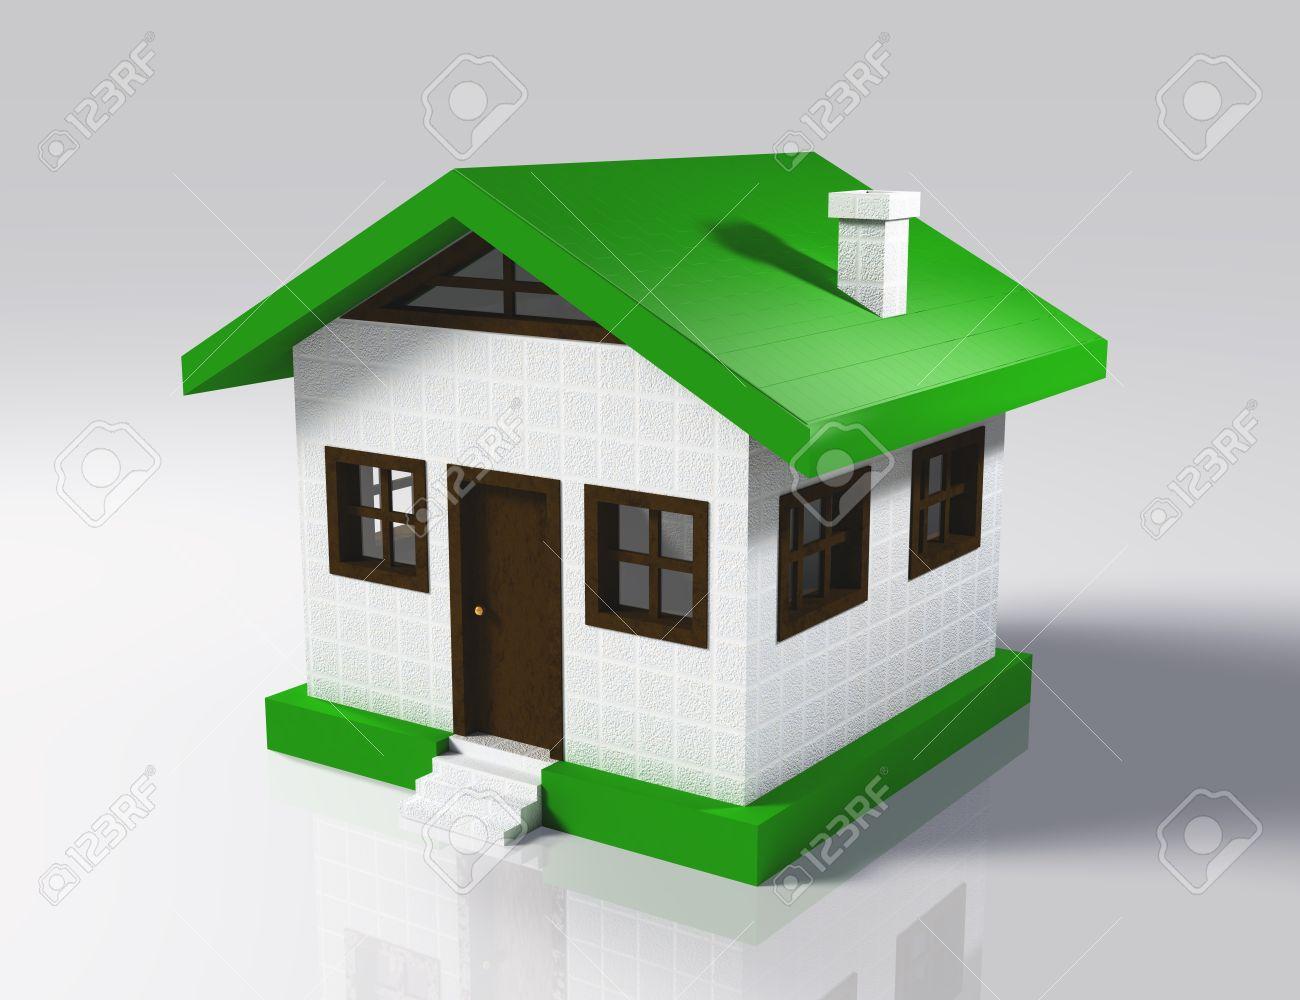 Ein 3D-Rendering Von Einem Kleinen Modell Des Hauses Mit Sockel Und ...